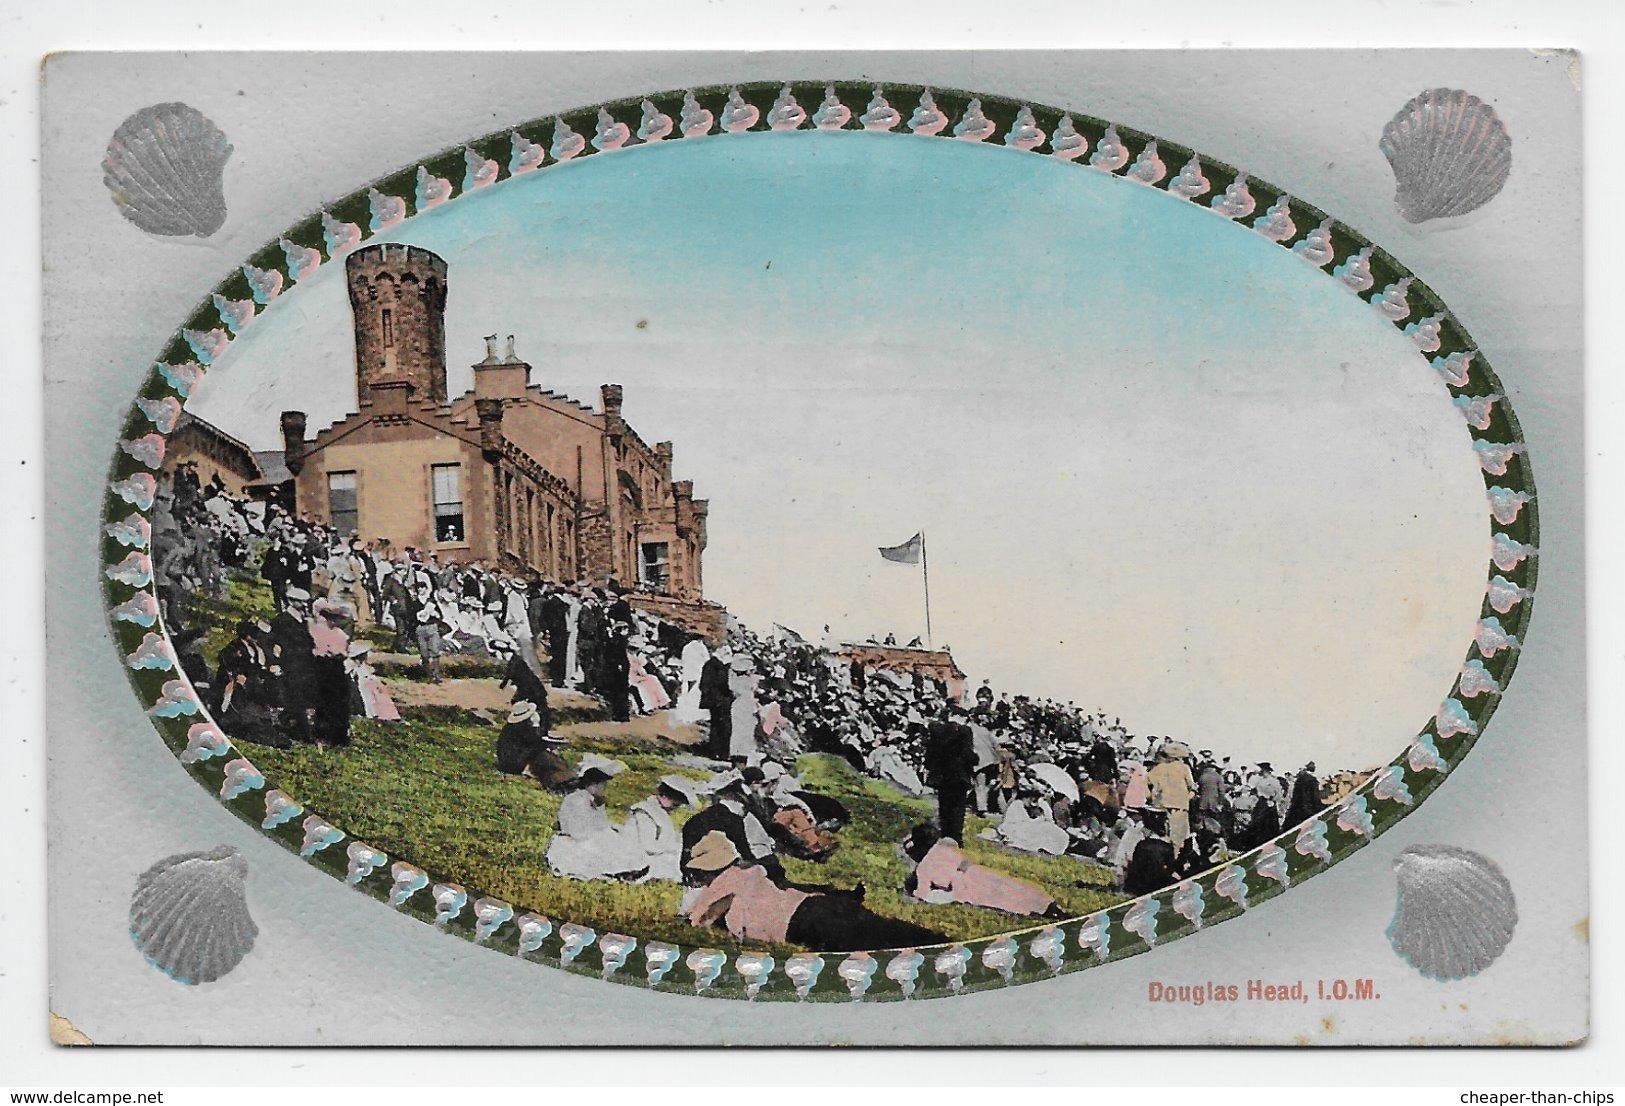 Douglas Head, I.O.M. - Pyatt - Isle Of Man